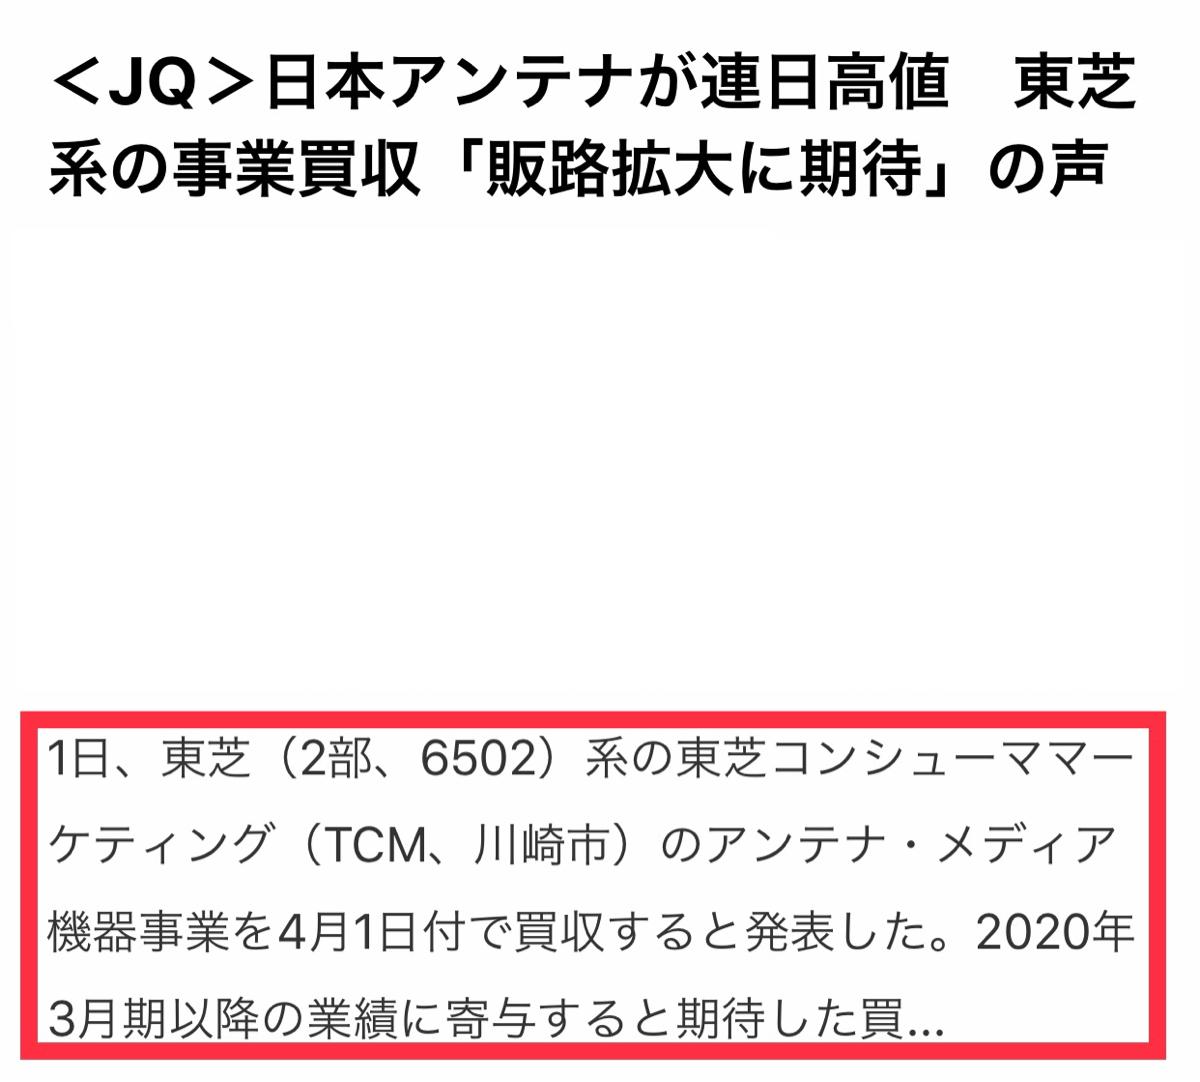 6930 - 日本アンテナ(株) 会社余剰資金106億円以上😎✨  事業買収で更にデカくなるんだよ😎✨